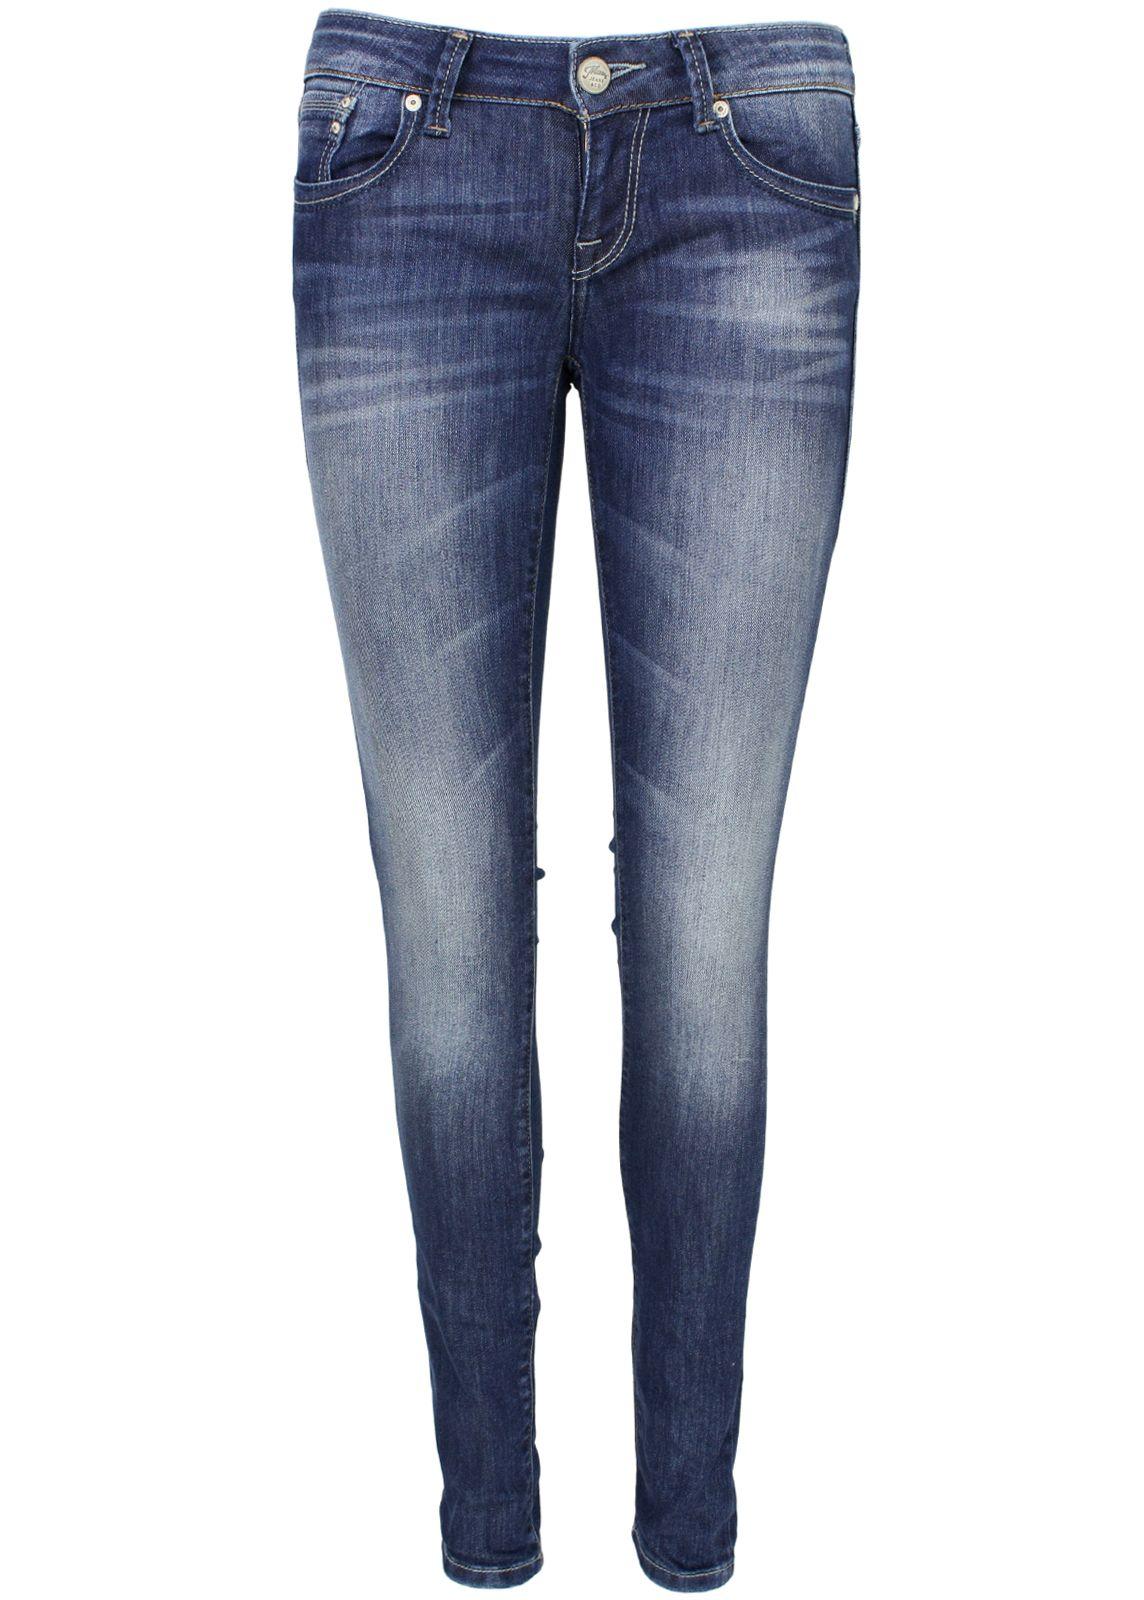 mavi jeans serena blue fettebeute online shop. Black Bedroom Furniture Sets. Home Design Ideas